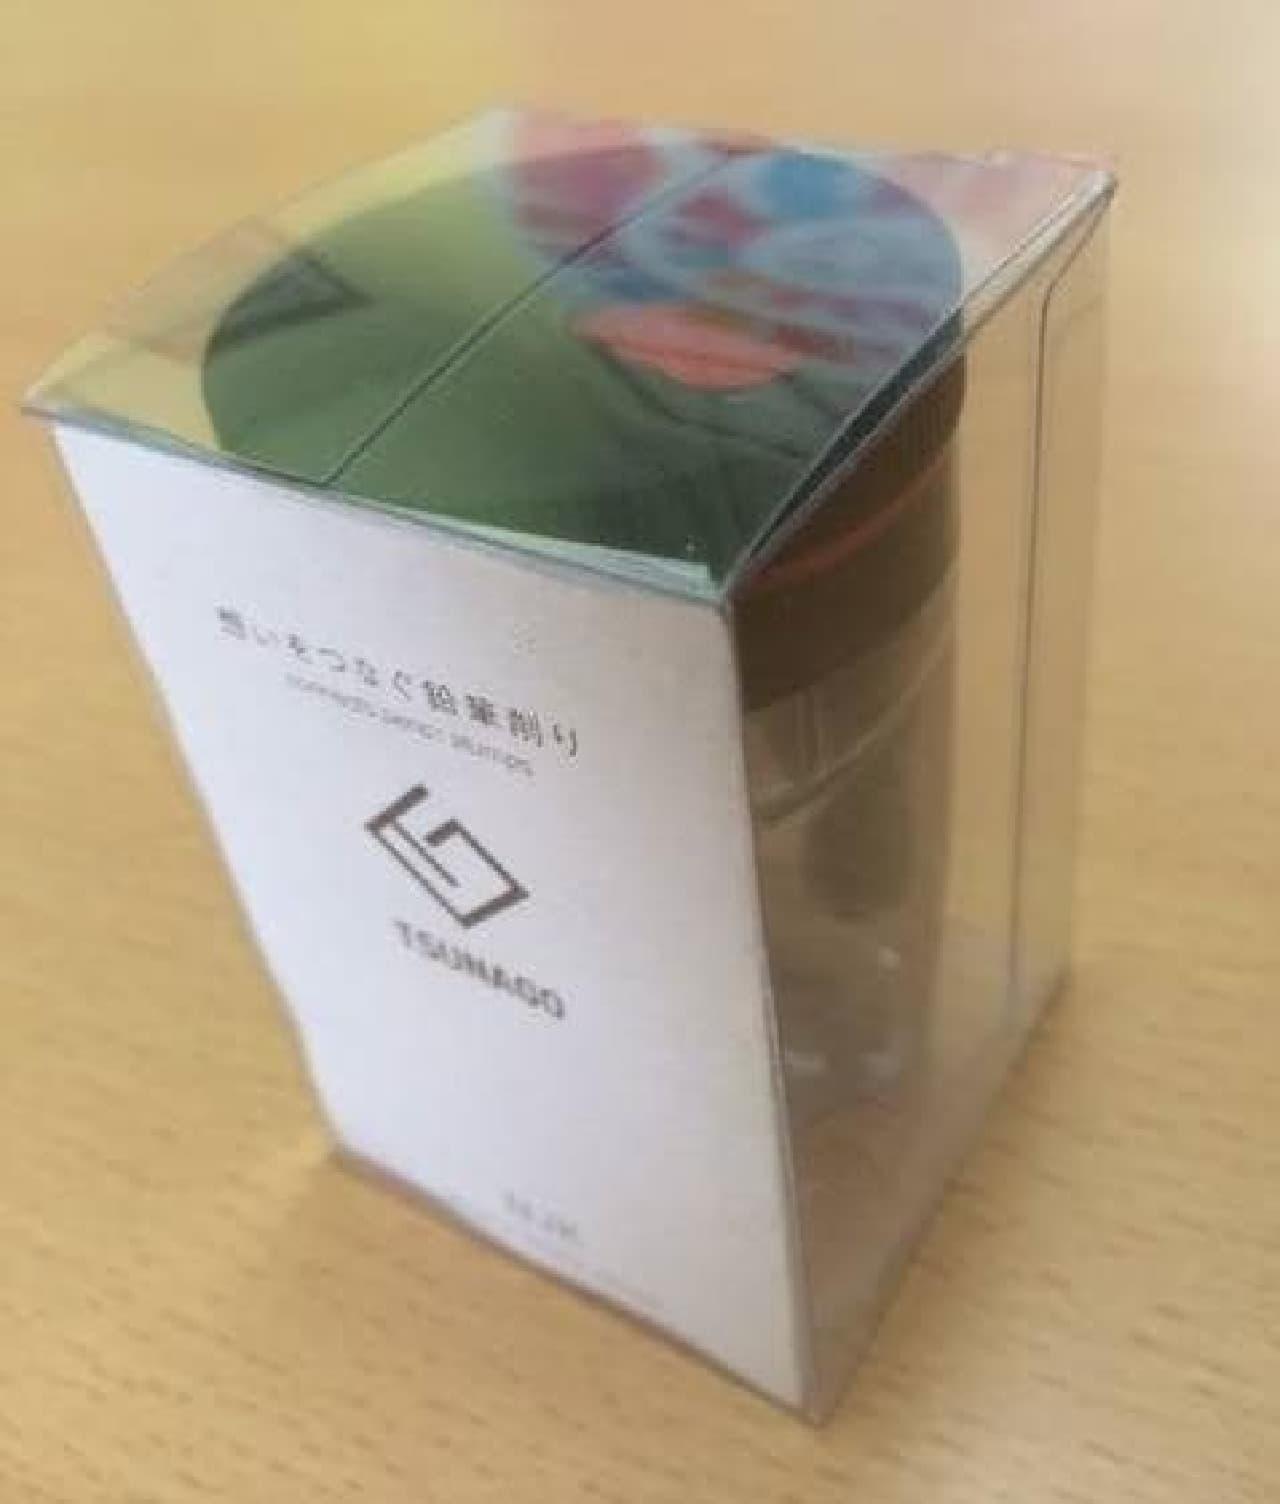 「TSUNAGO」のパッケージ